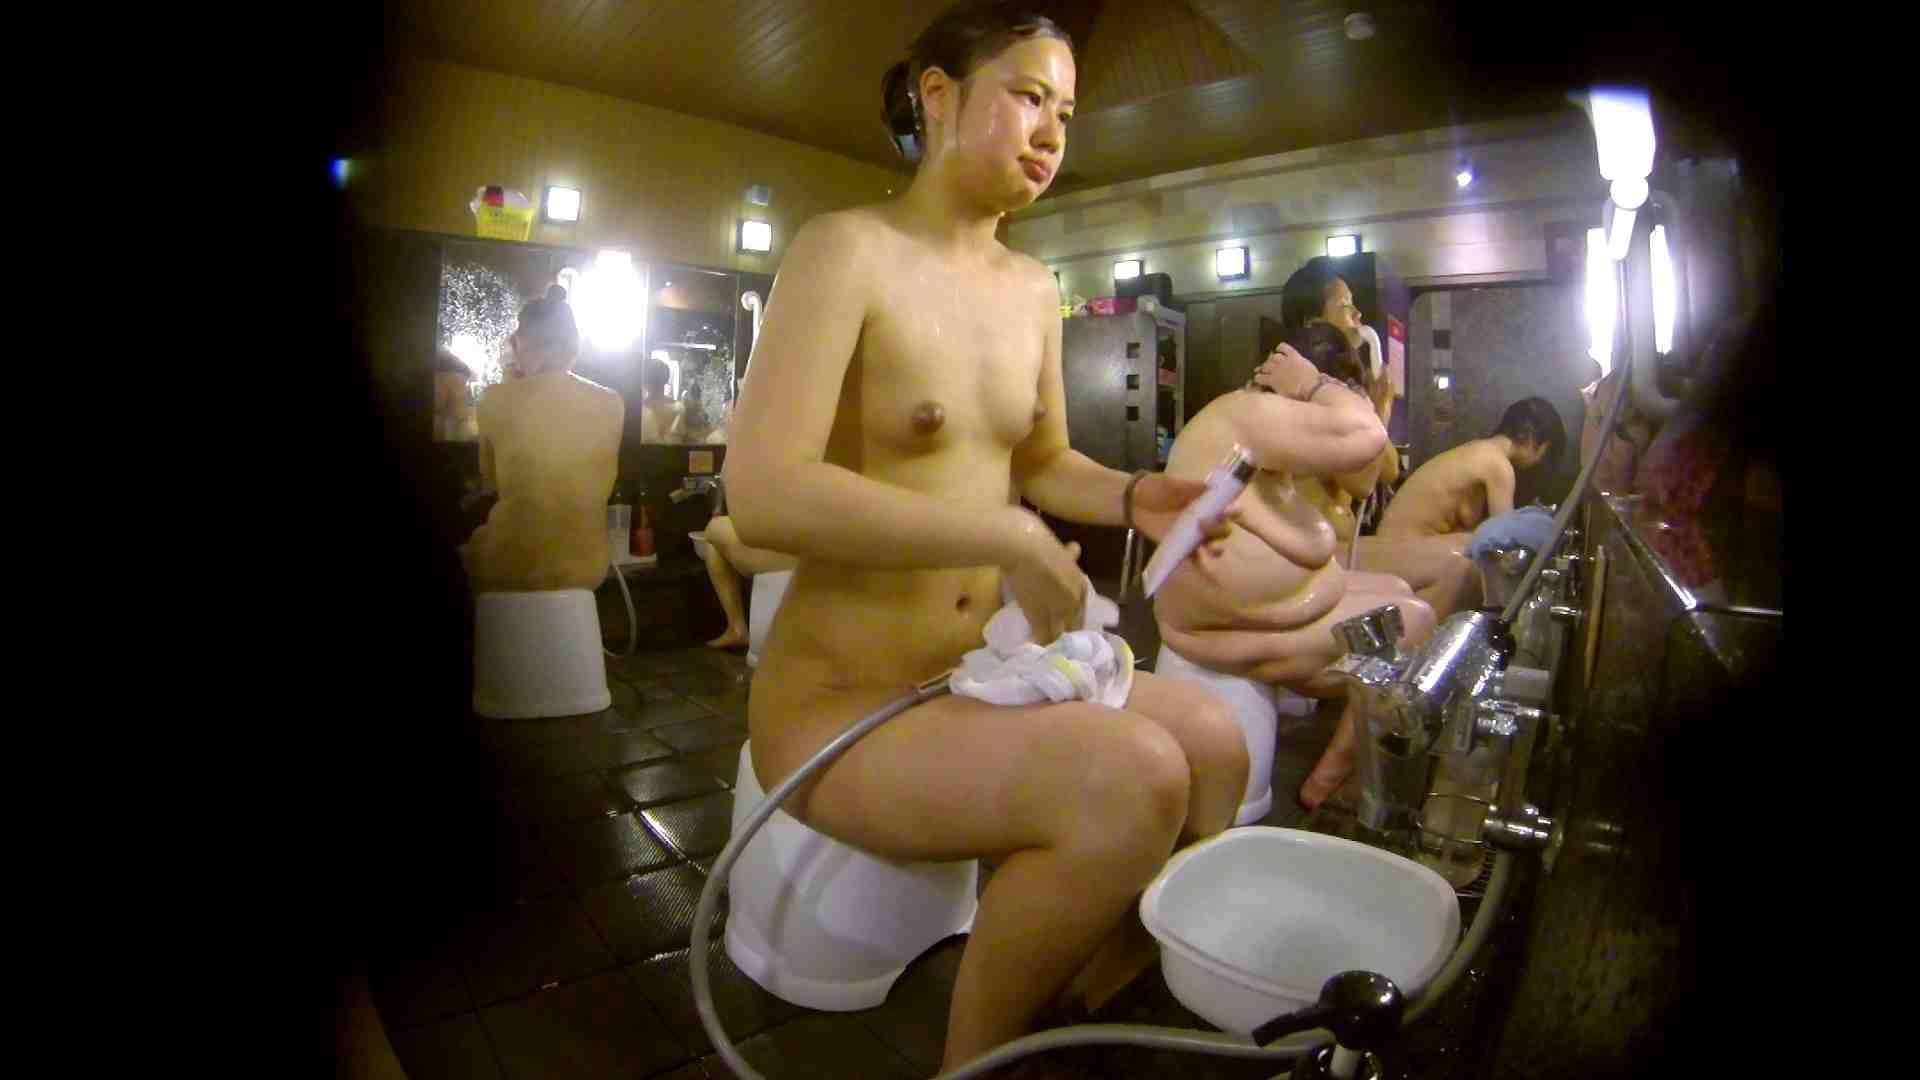 追い撮り!脱衣~洗い場、徹底追跡!撮り師さんに拍手!! 追跡  67PIX 34